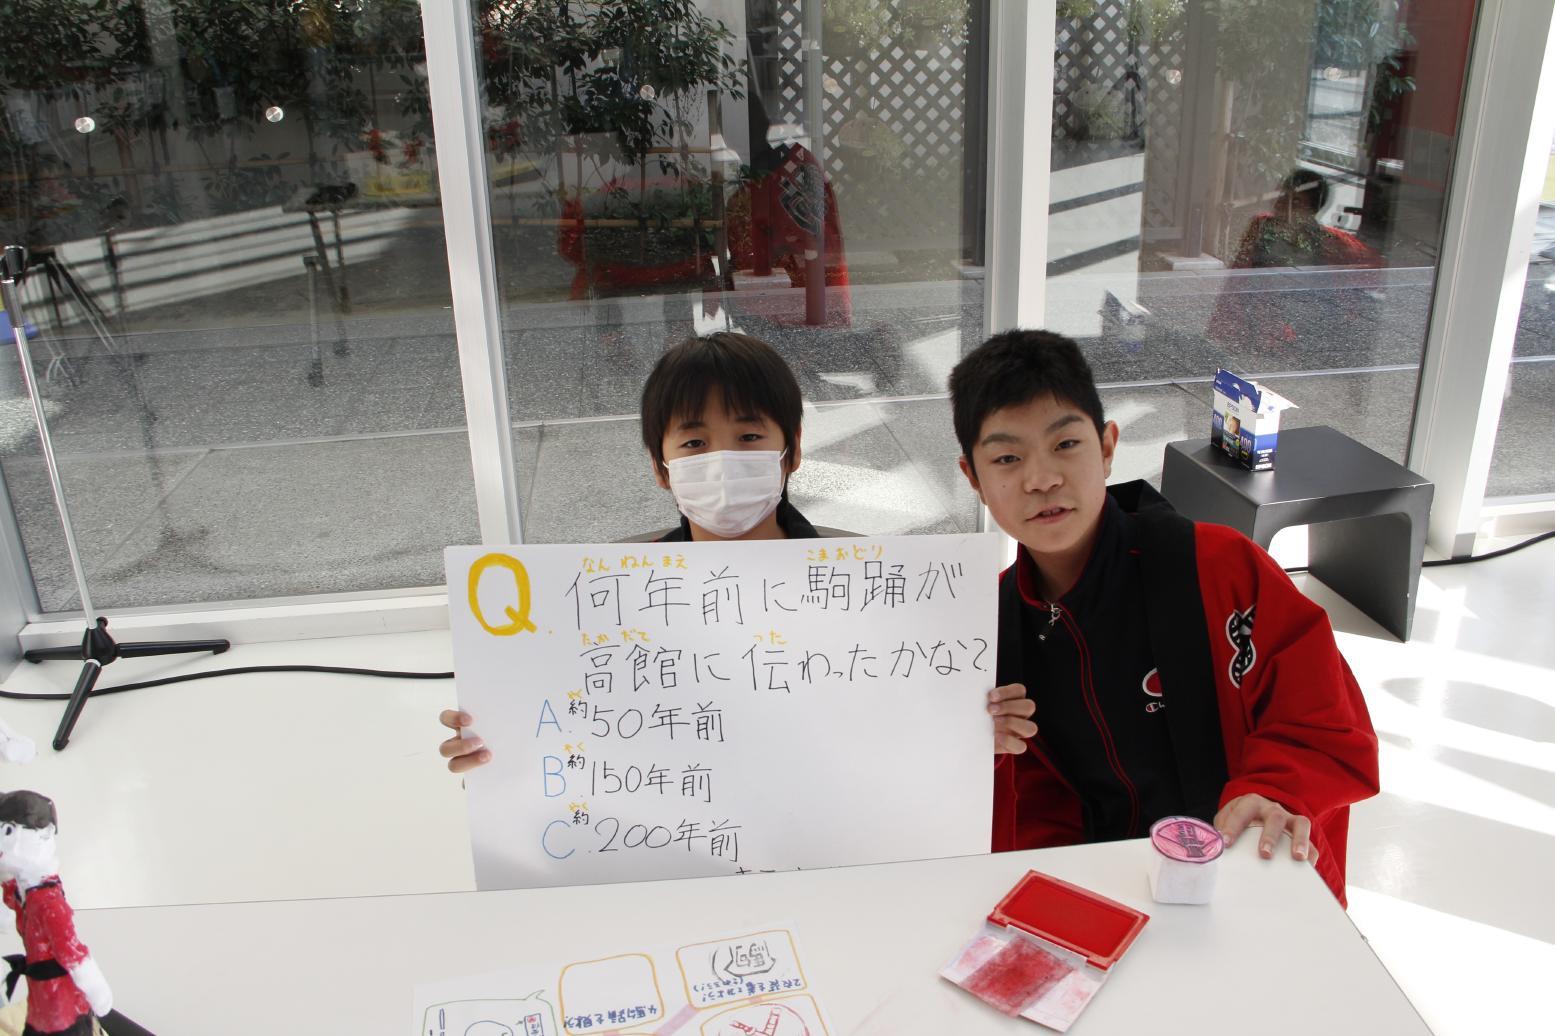 http://hacchi.jp/blog/upload/images/komaodori1.jpg